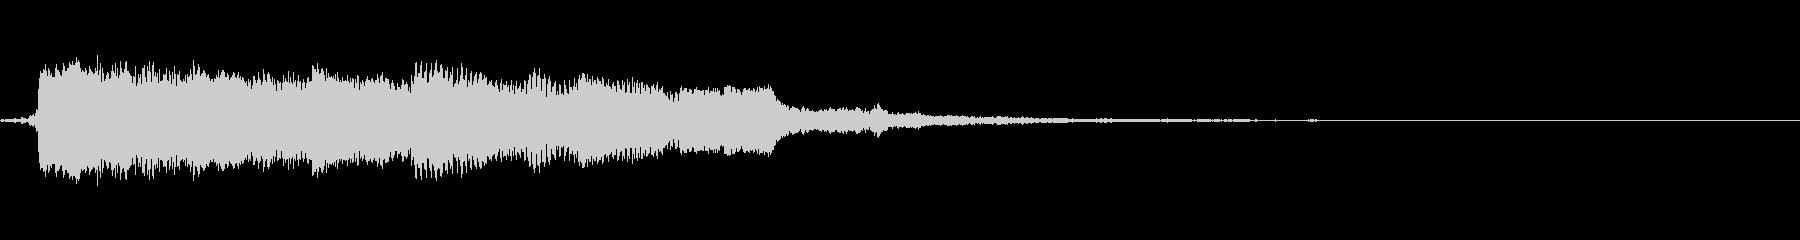 ロックブルースバンパー9の未再生の波形